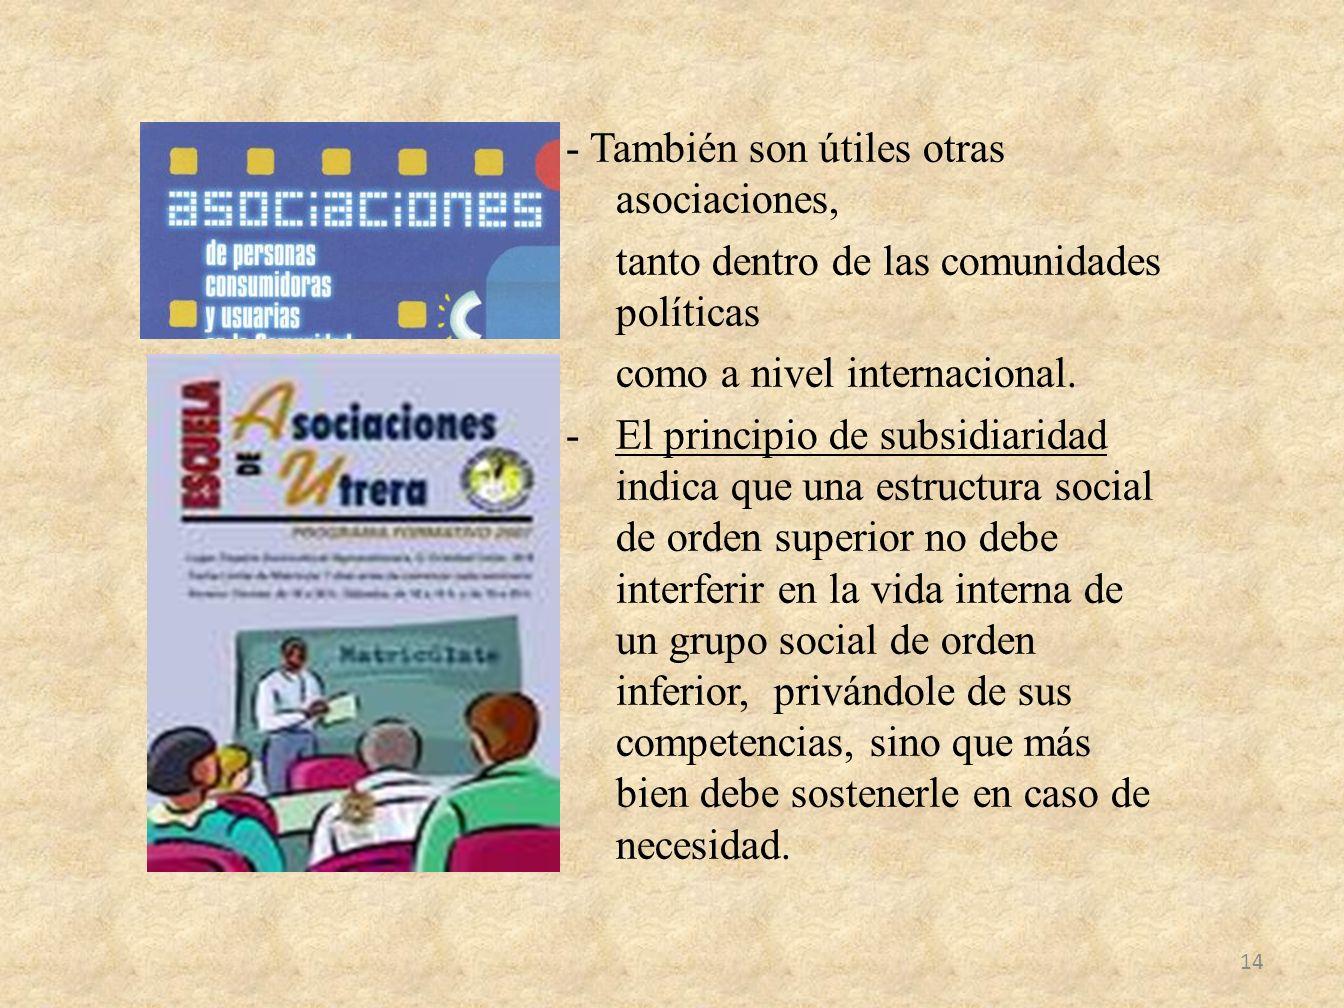 - También son útiles otras asociaciones, tanto dentro de las comunidades políticas como a nivel internacional. -El principio de subsidiaridad indica q